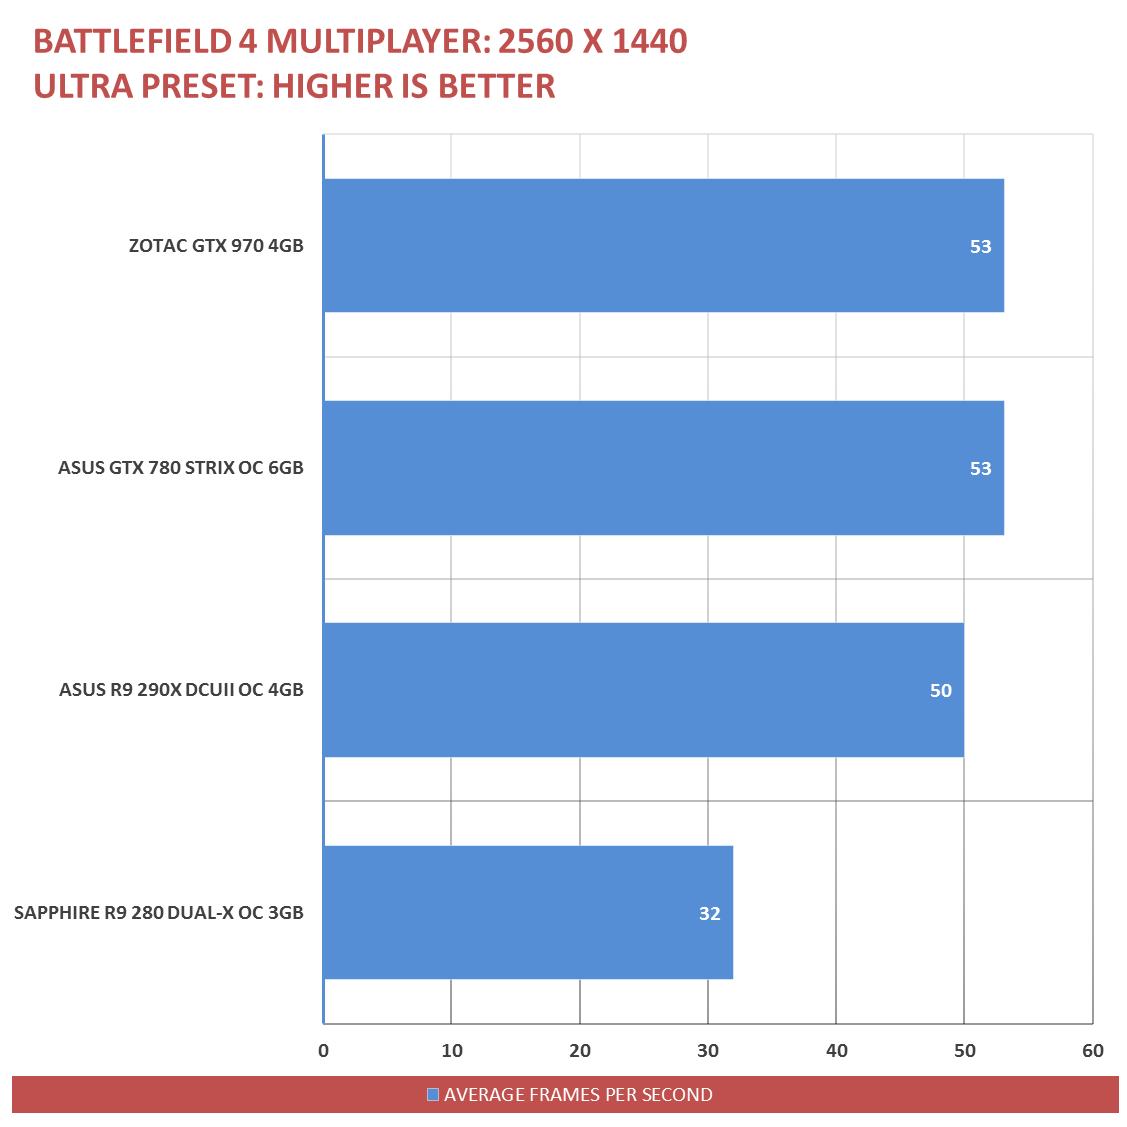 ZOTAC GTX 970 Benchmarks (15)